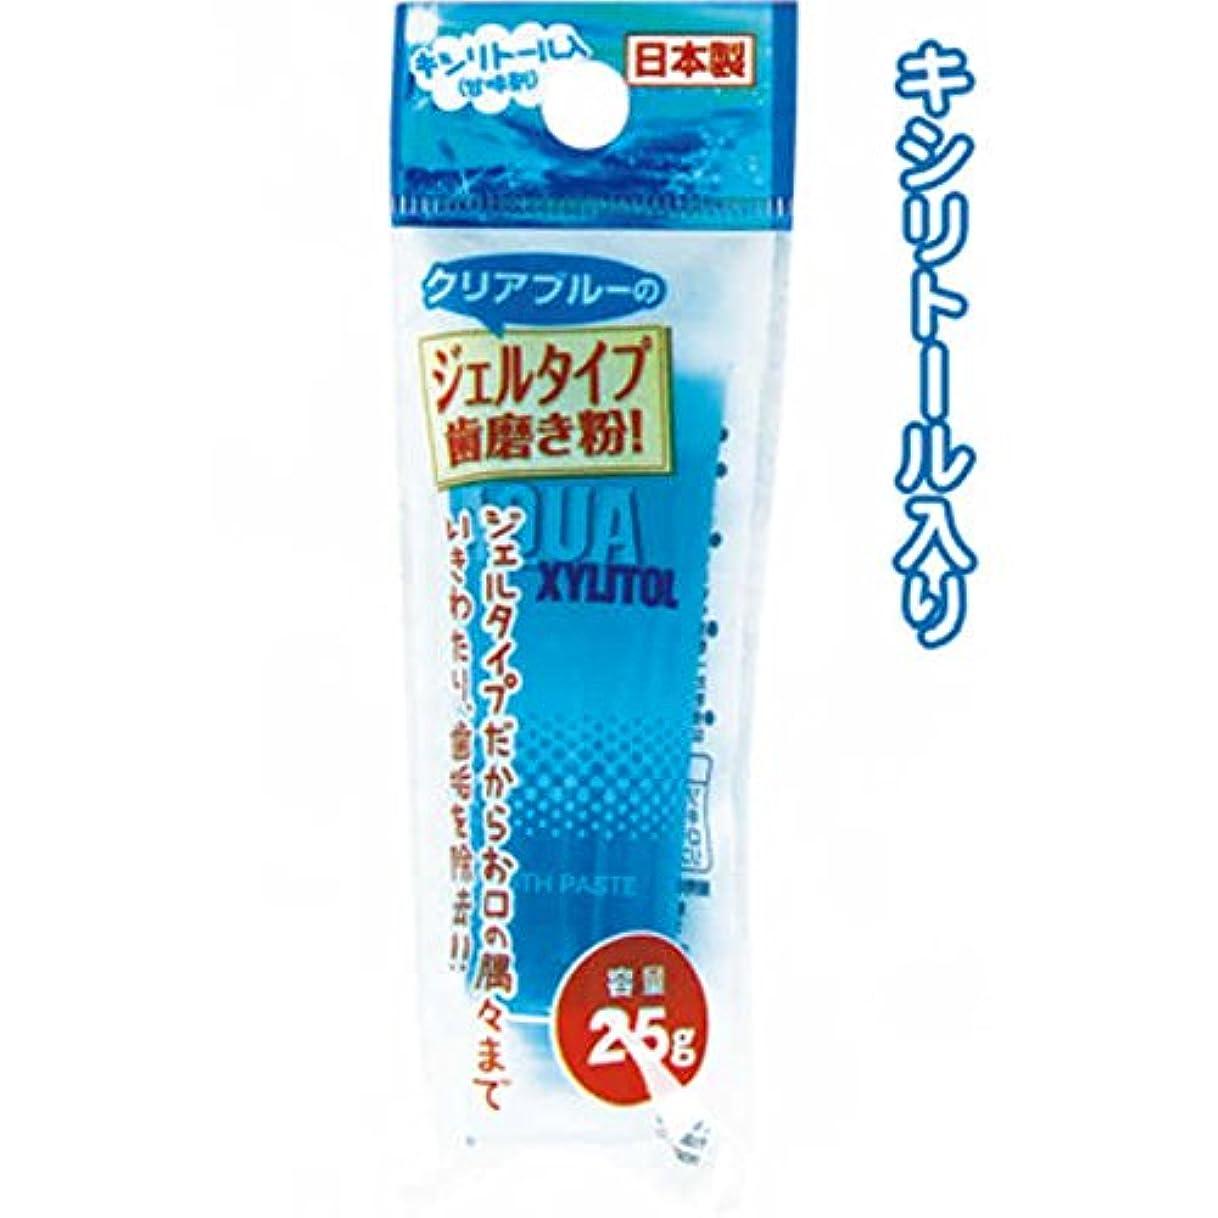 とても野望普遍的なデンタルジェル(25g)日本製 japan 【まとめ買い12個セット】 41-096